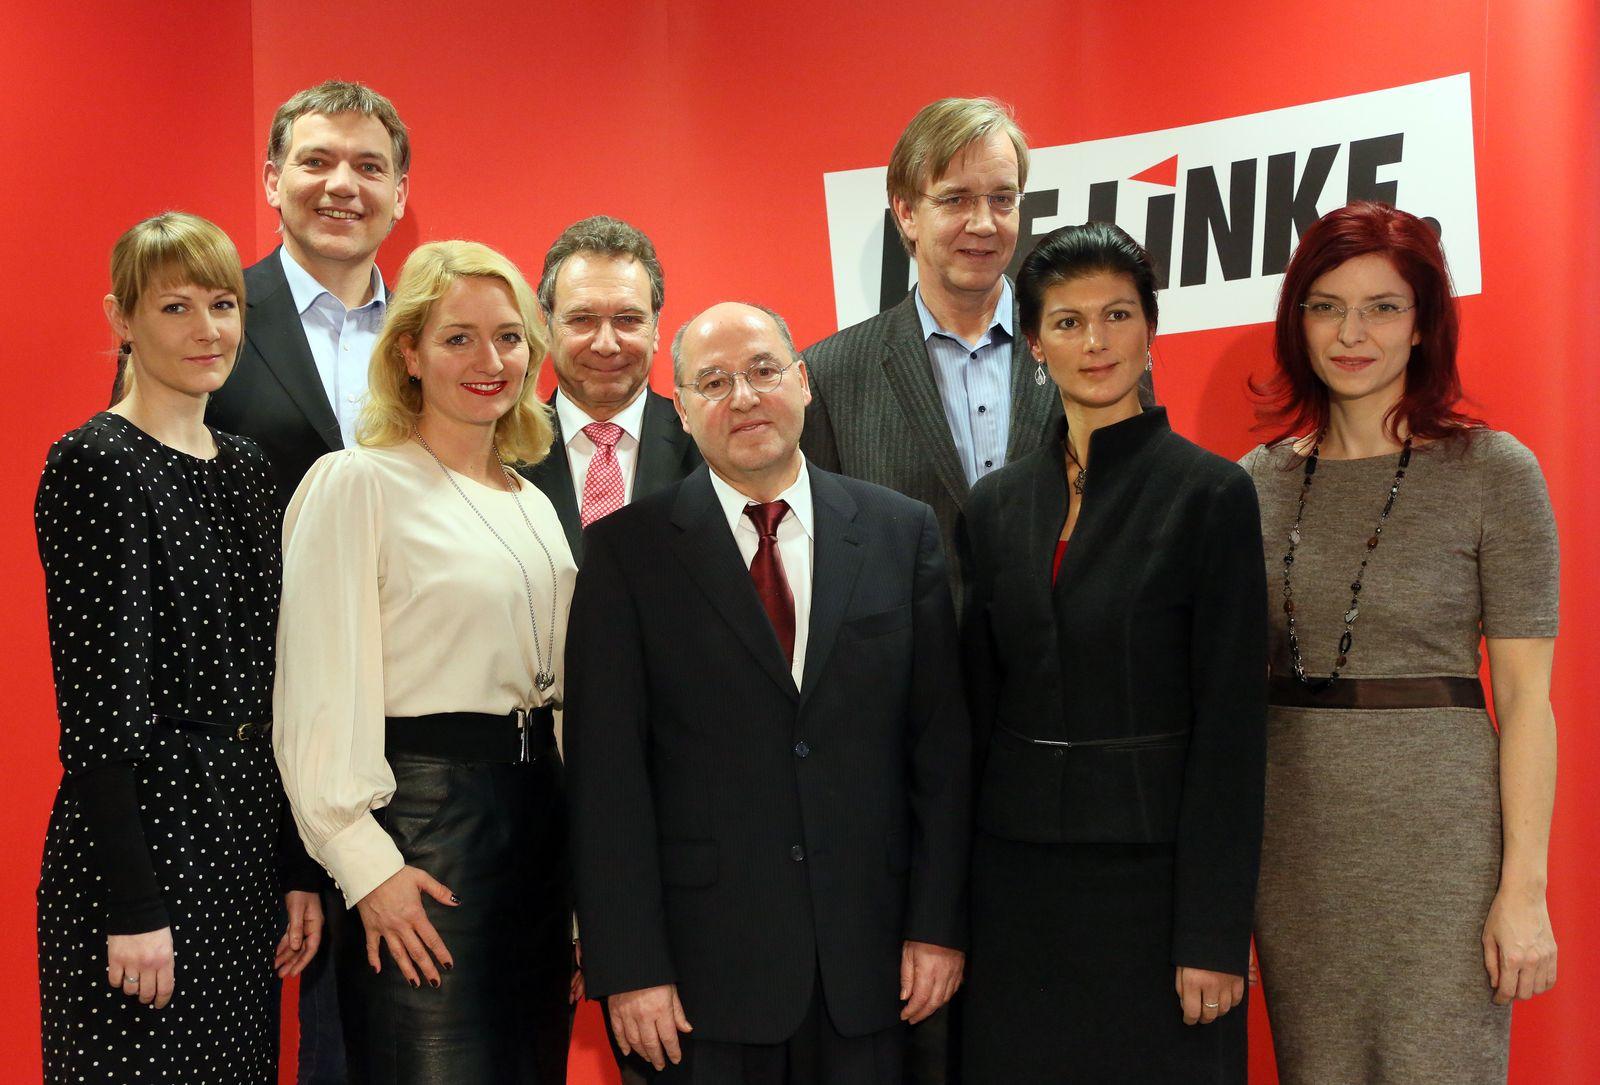 Die Linke - Spitzenteam für Bundestagswahl